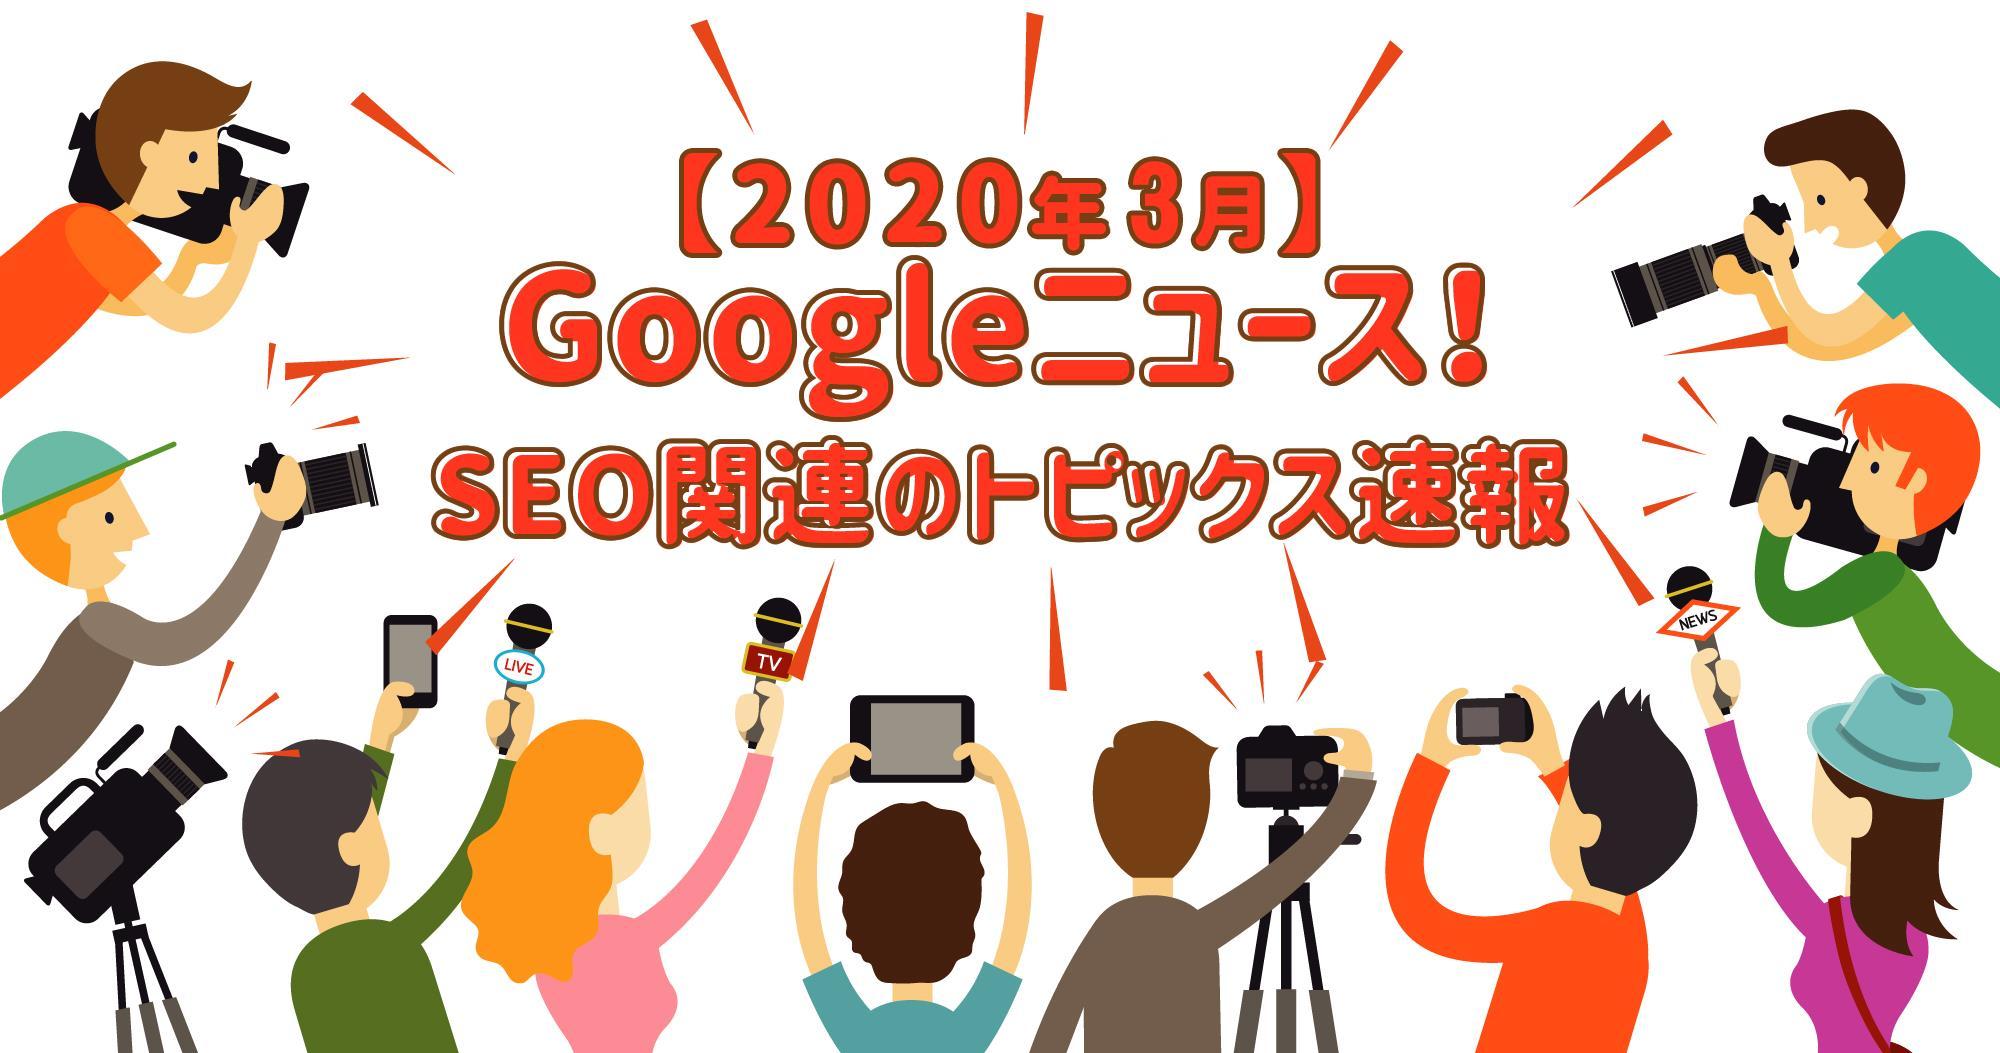 【2020年3月】Googleニュース! SEO対策のトピックスまとめ